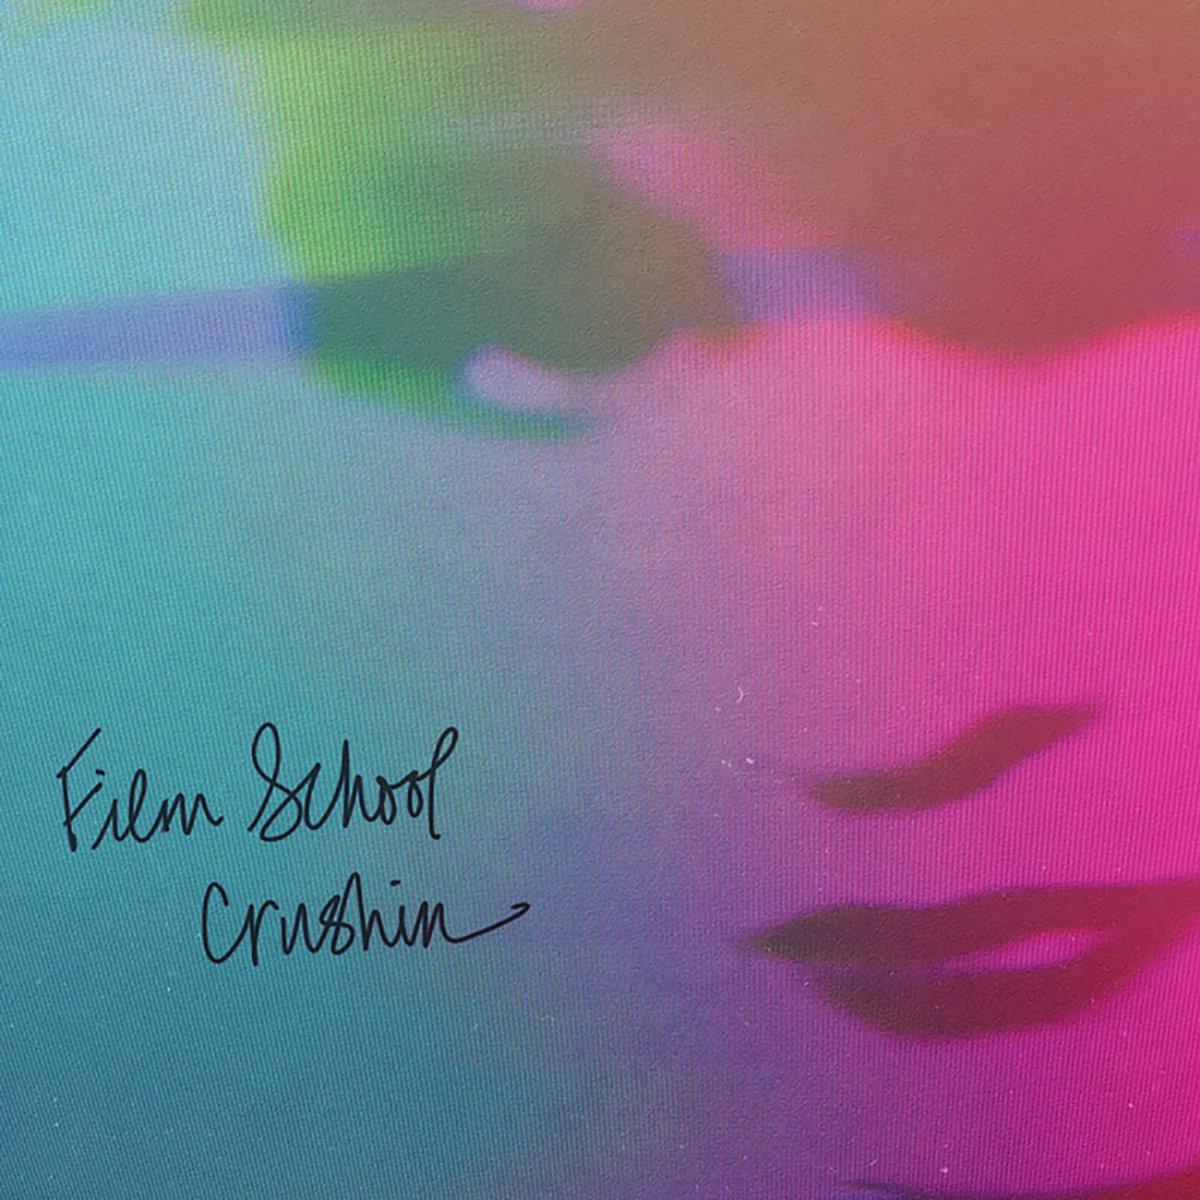 Crushin | Film School